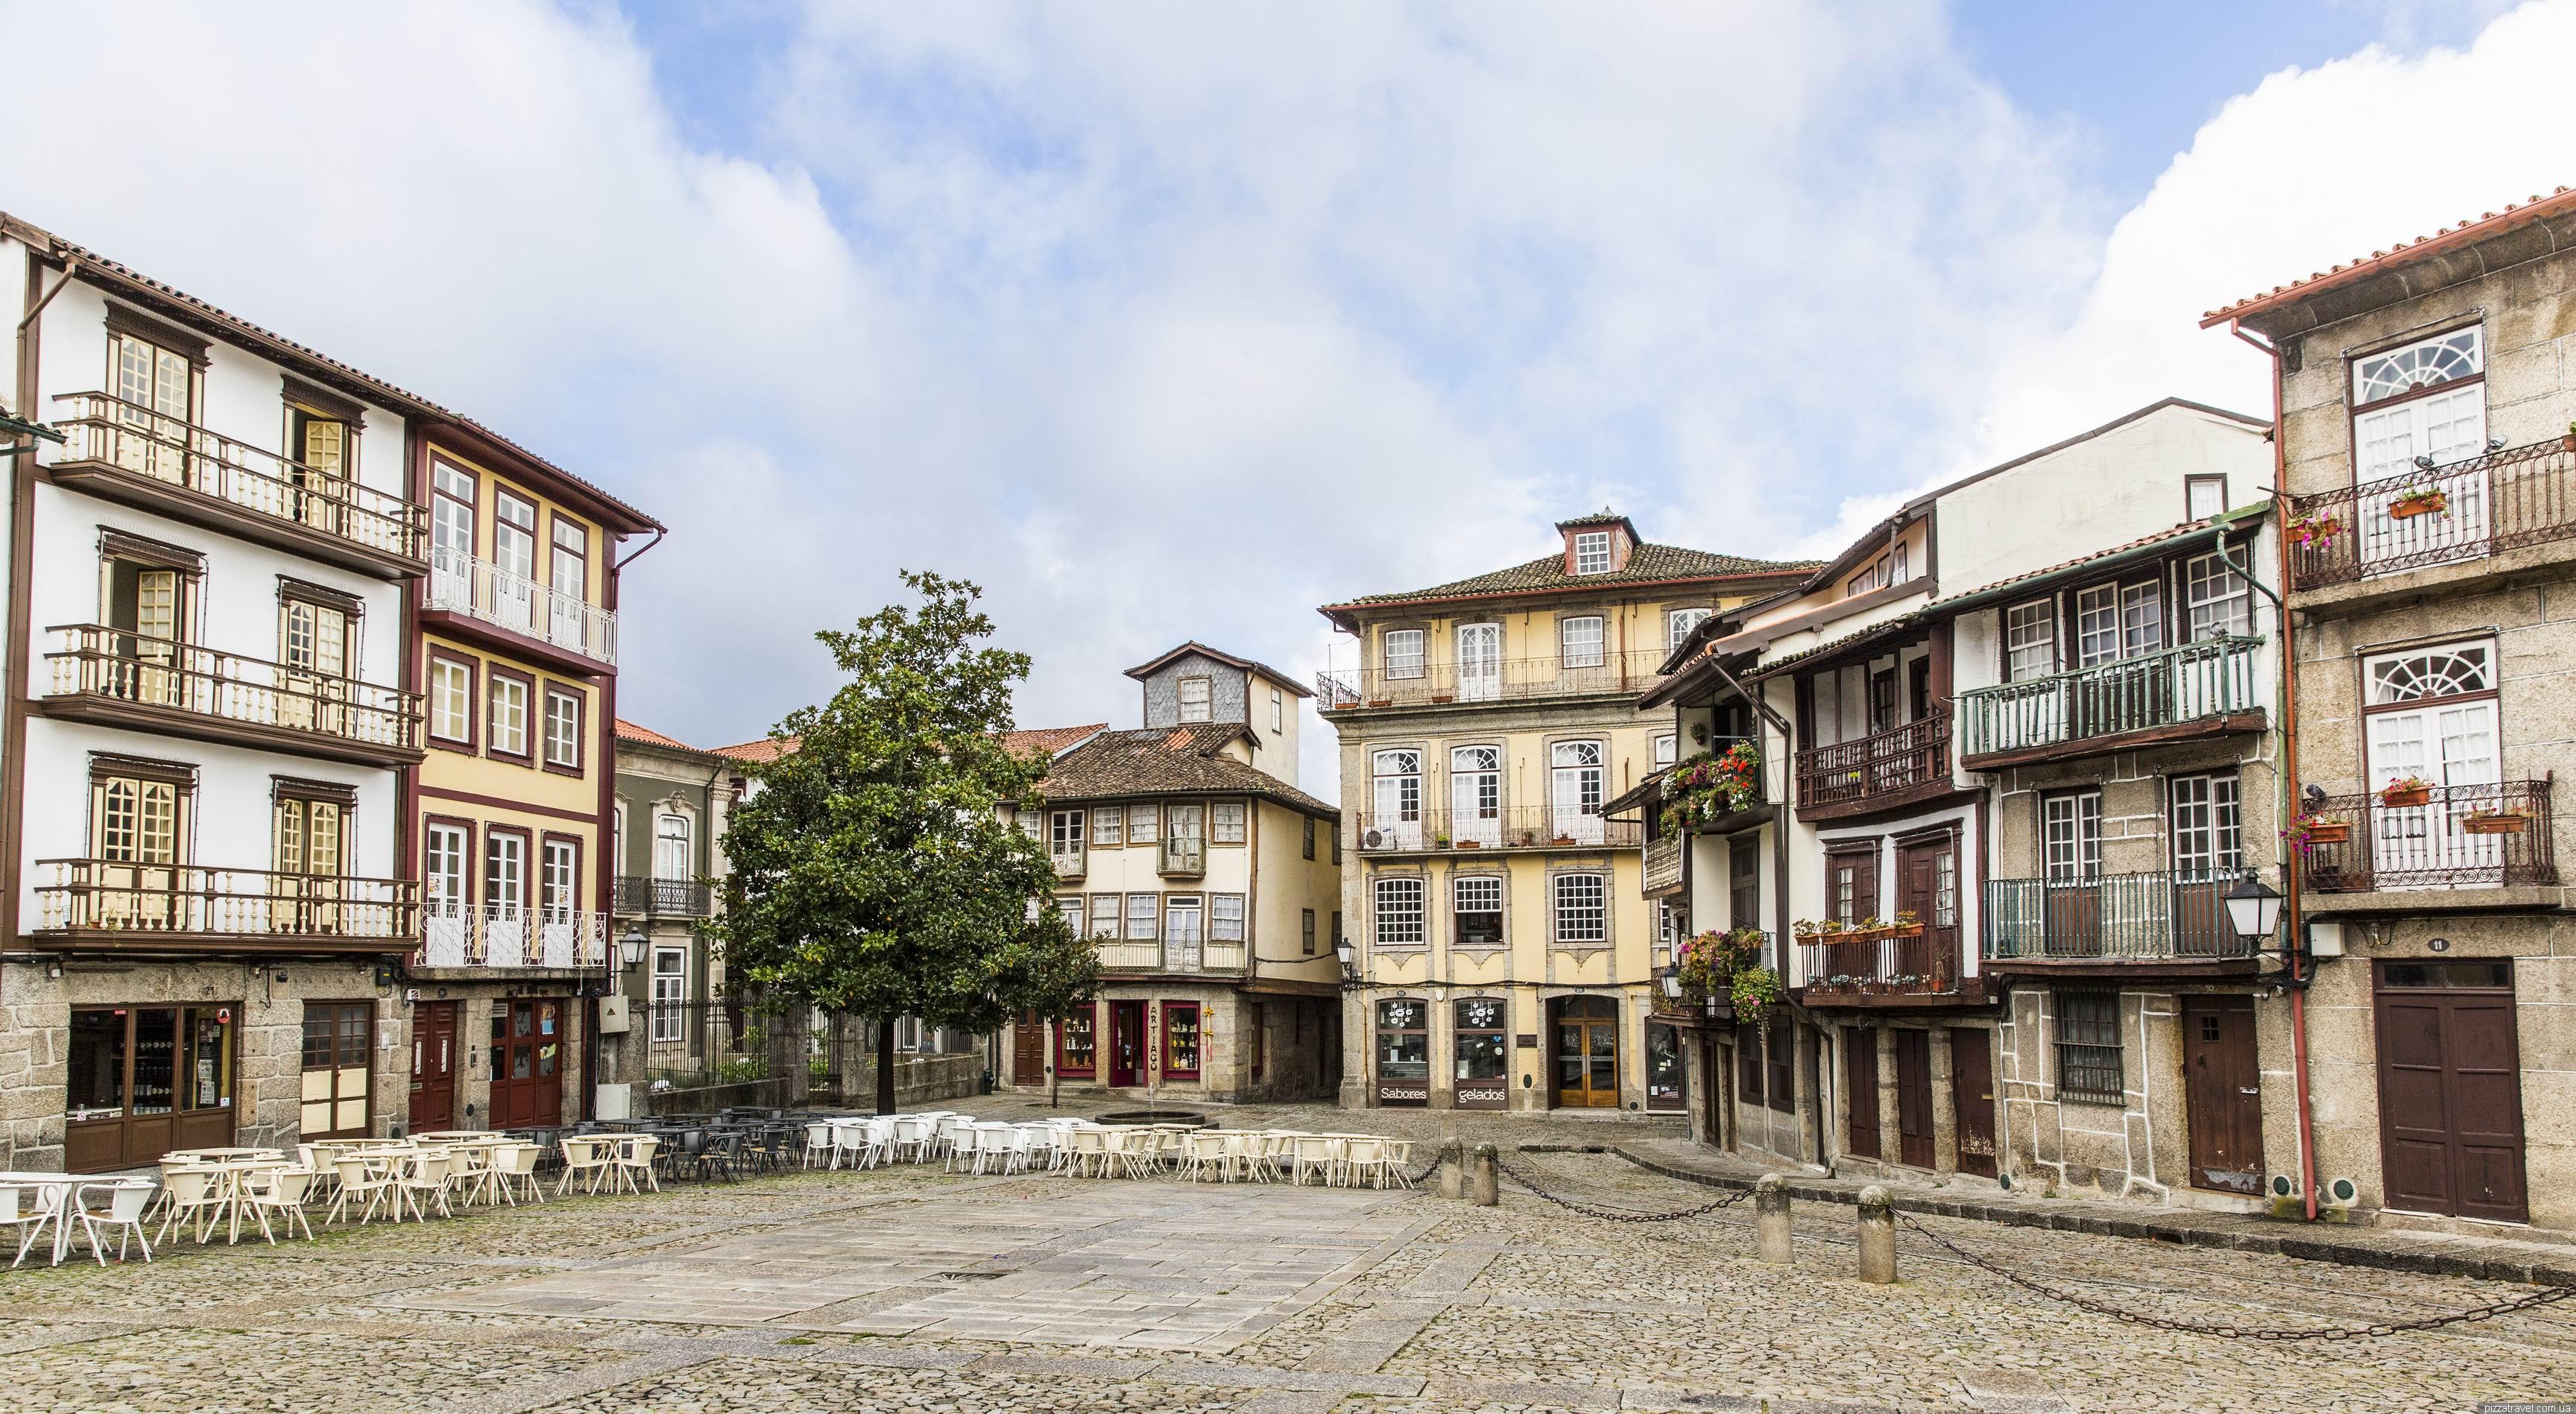 Картинки по запросу Гимарайнш португалия